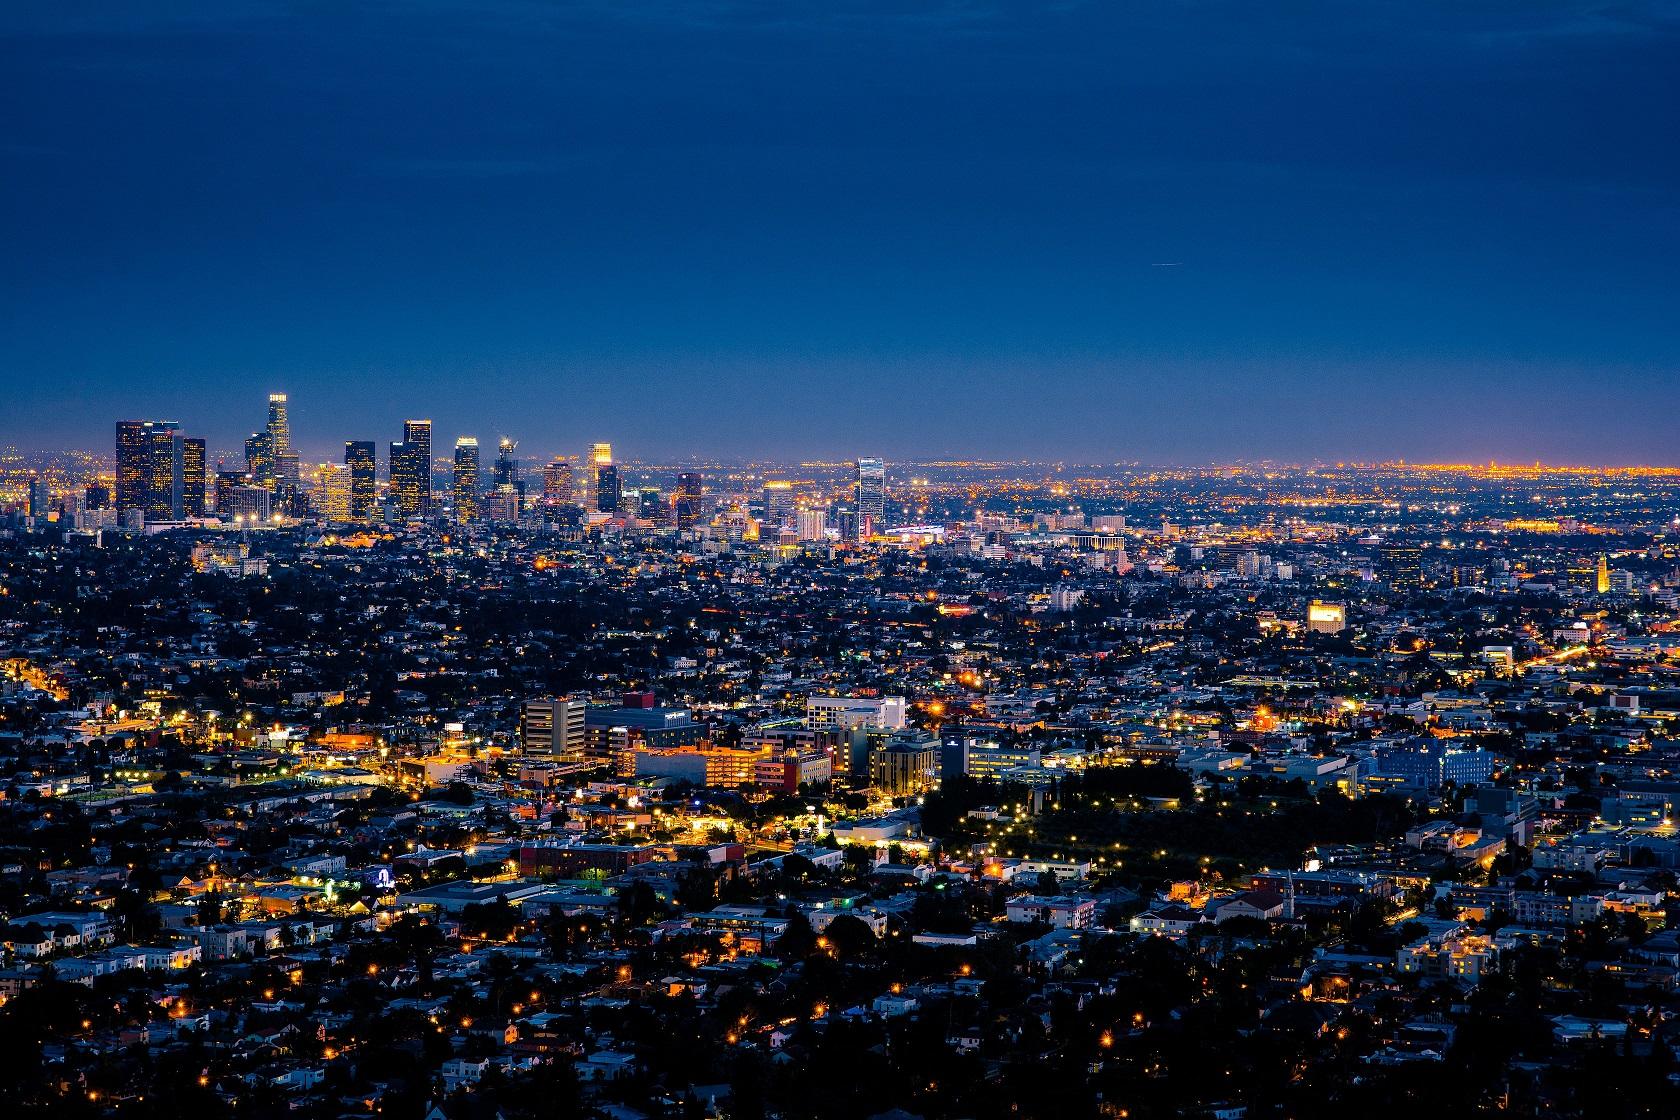 Evening cityscape. Photo by Henning Witzel on Unsplash.